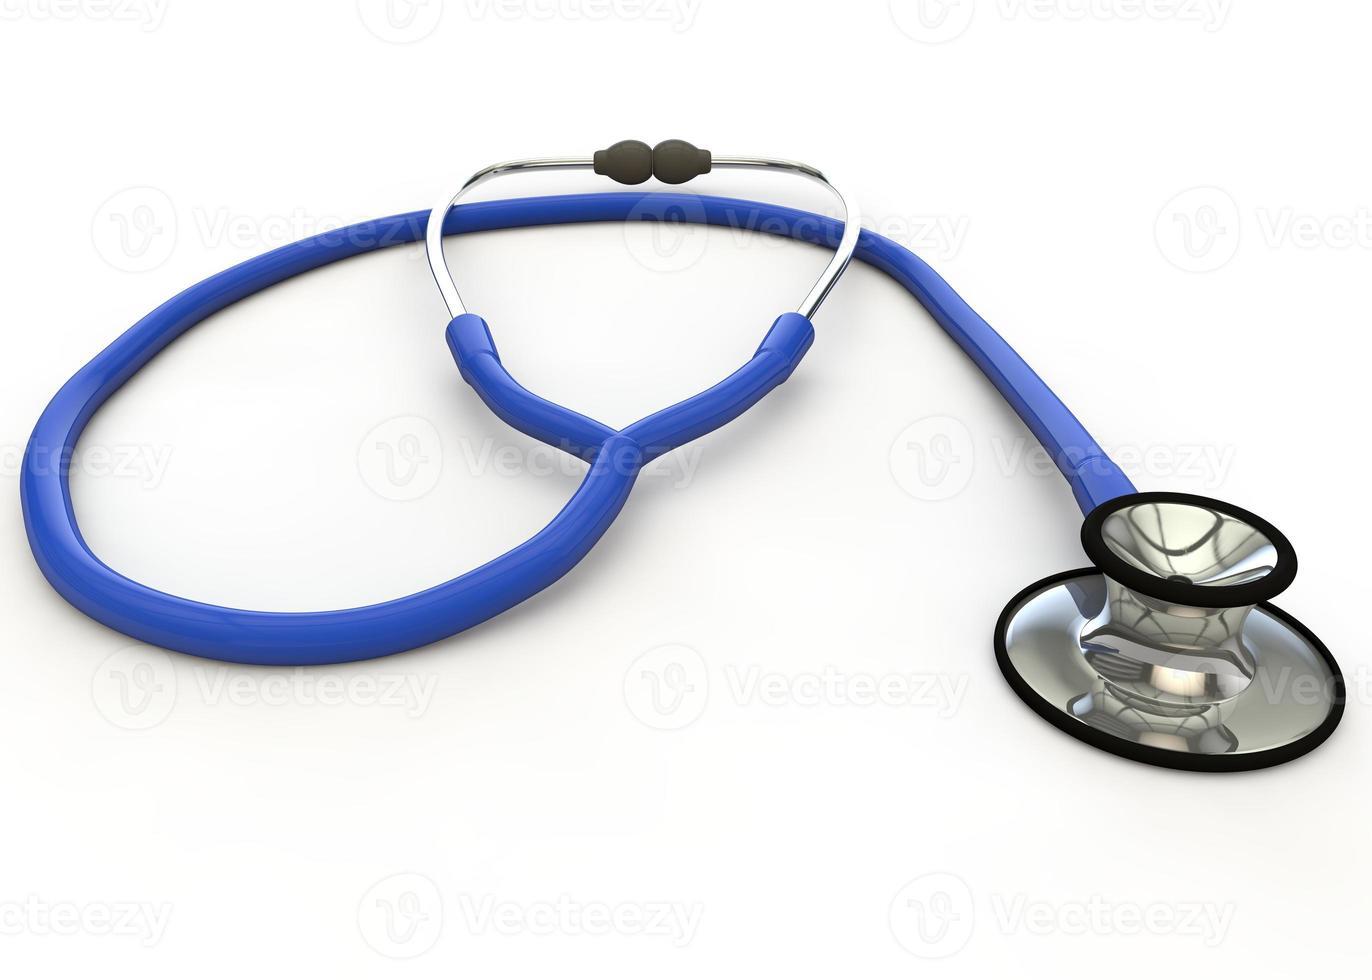 blaues medizinisches Phonendoskop auf dem weißen Hintergrund foto